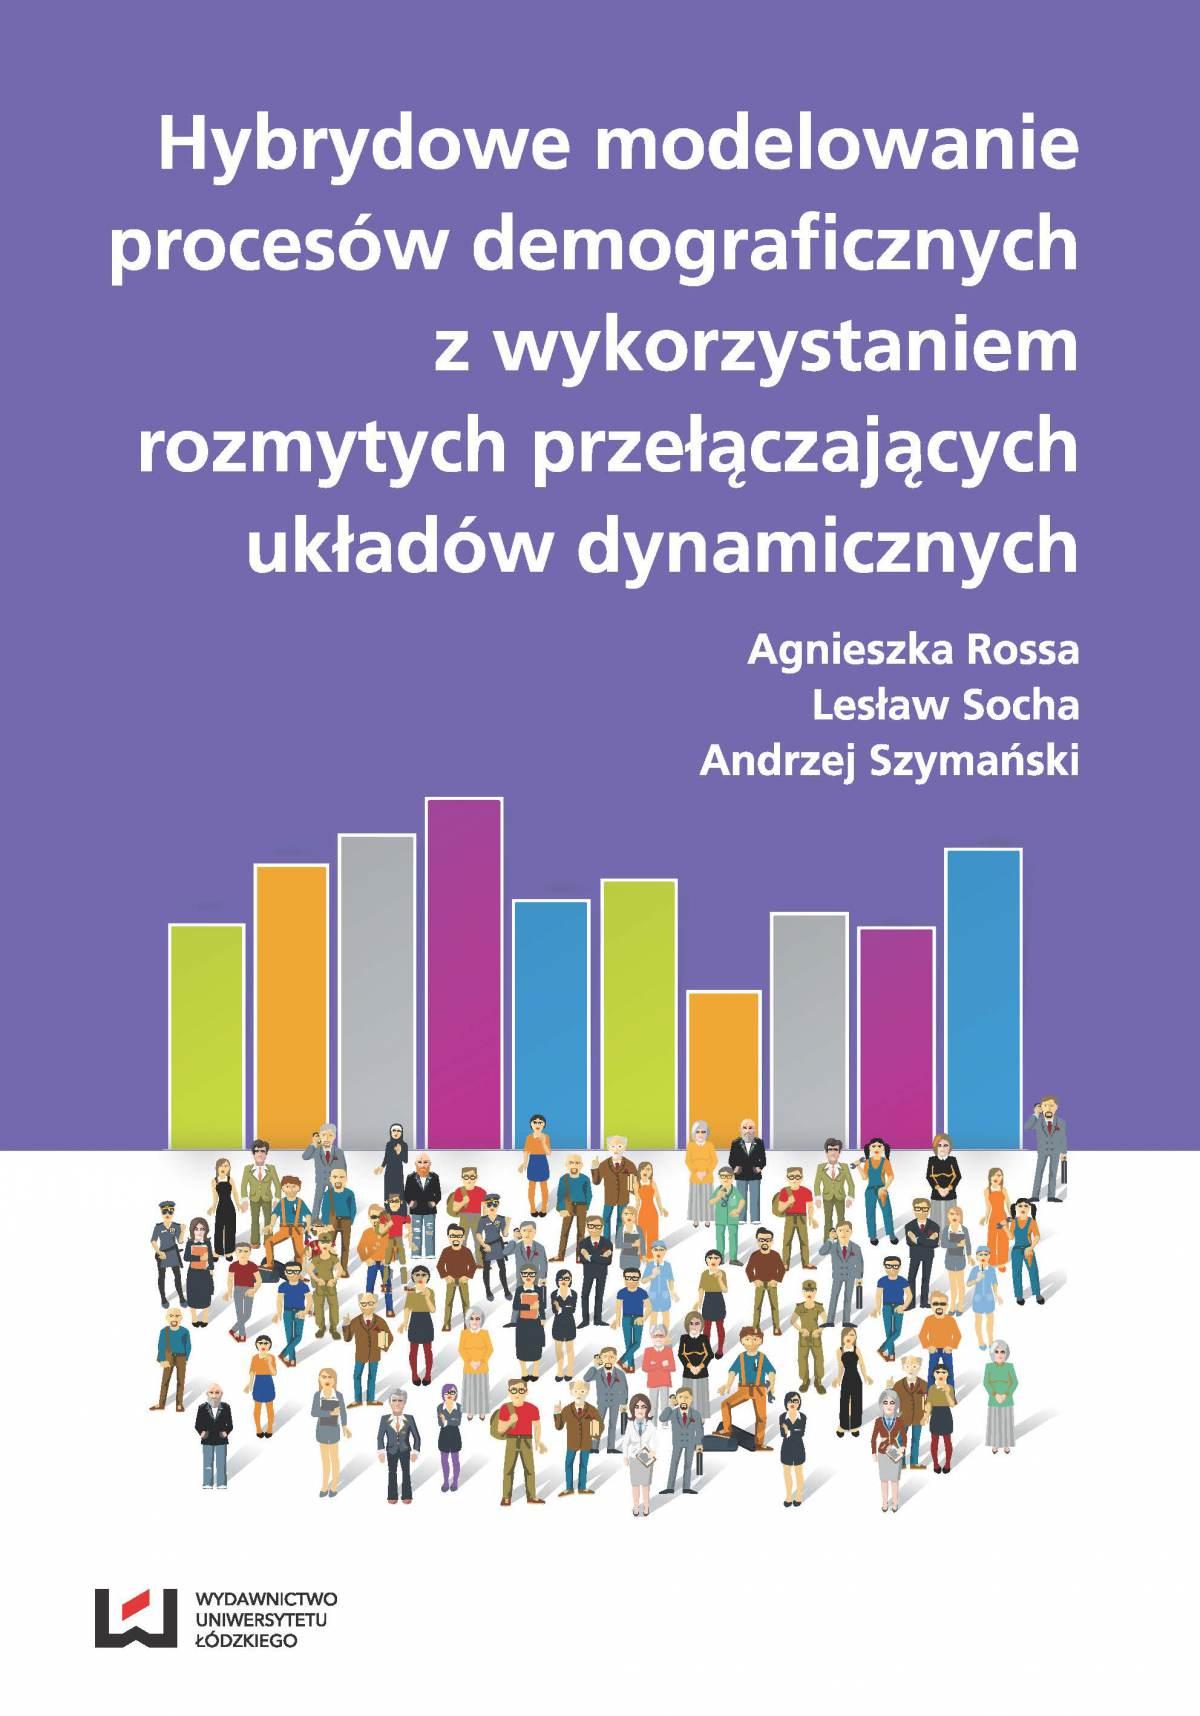 Hybrydowe modelowanie procesów demograficznych z wykorzystaniem rozmytych przyłączających układów dynamicznych - Ebook (Książka PDF) do pobrania w formacie PDF